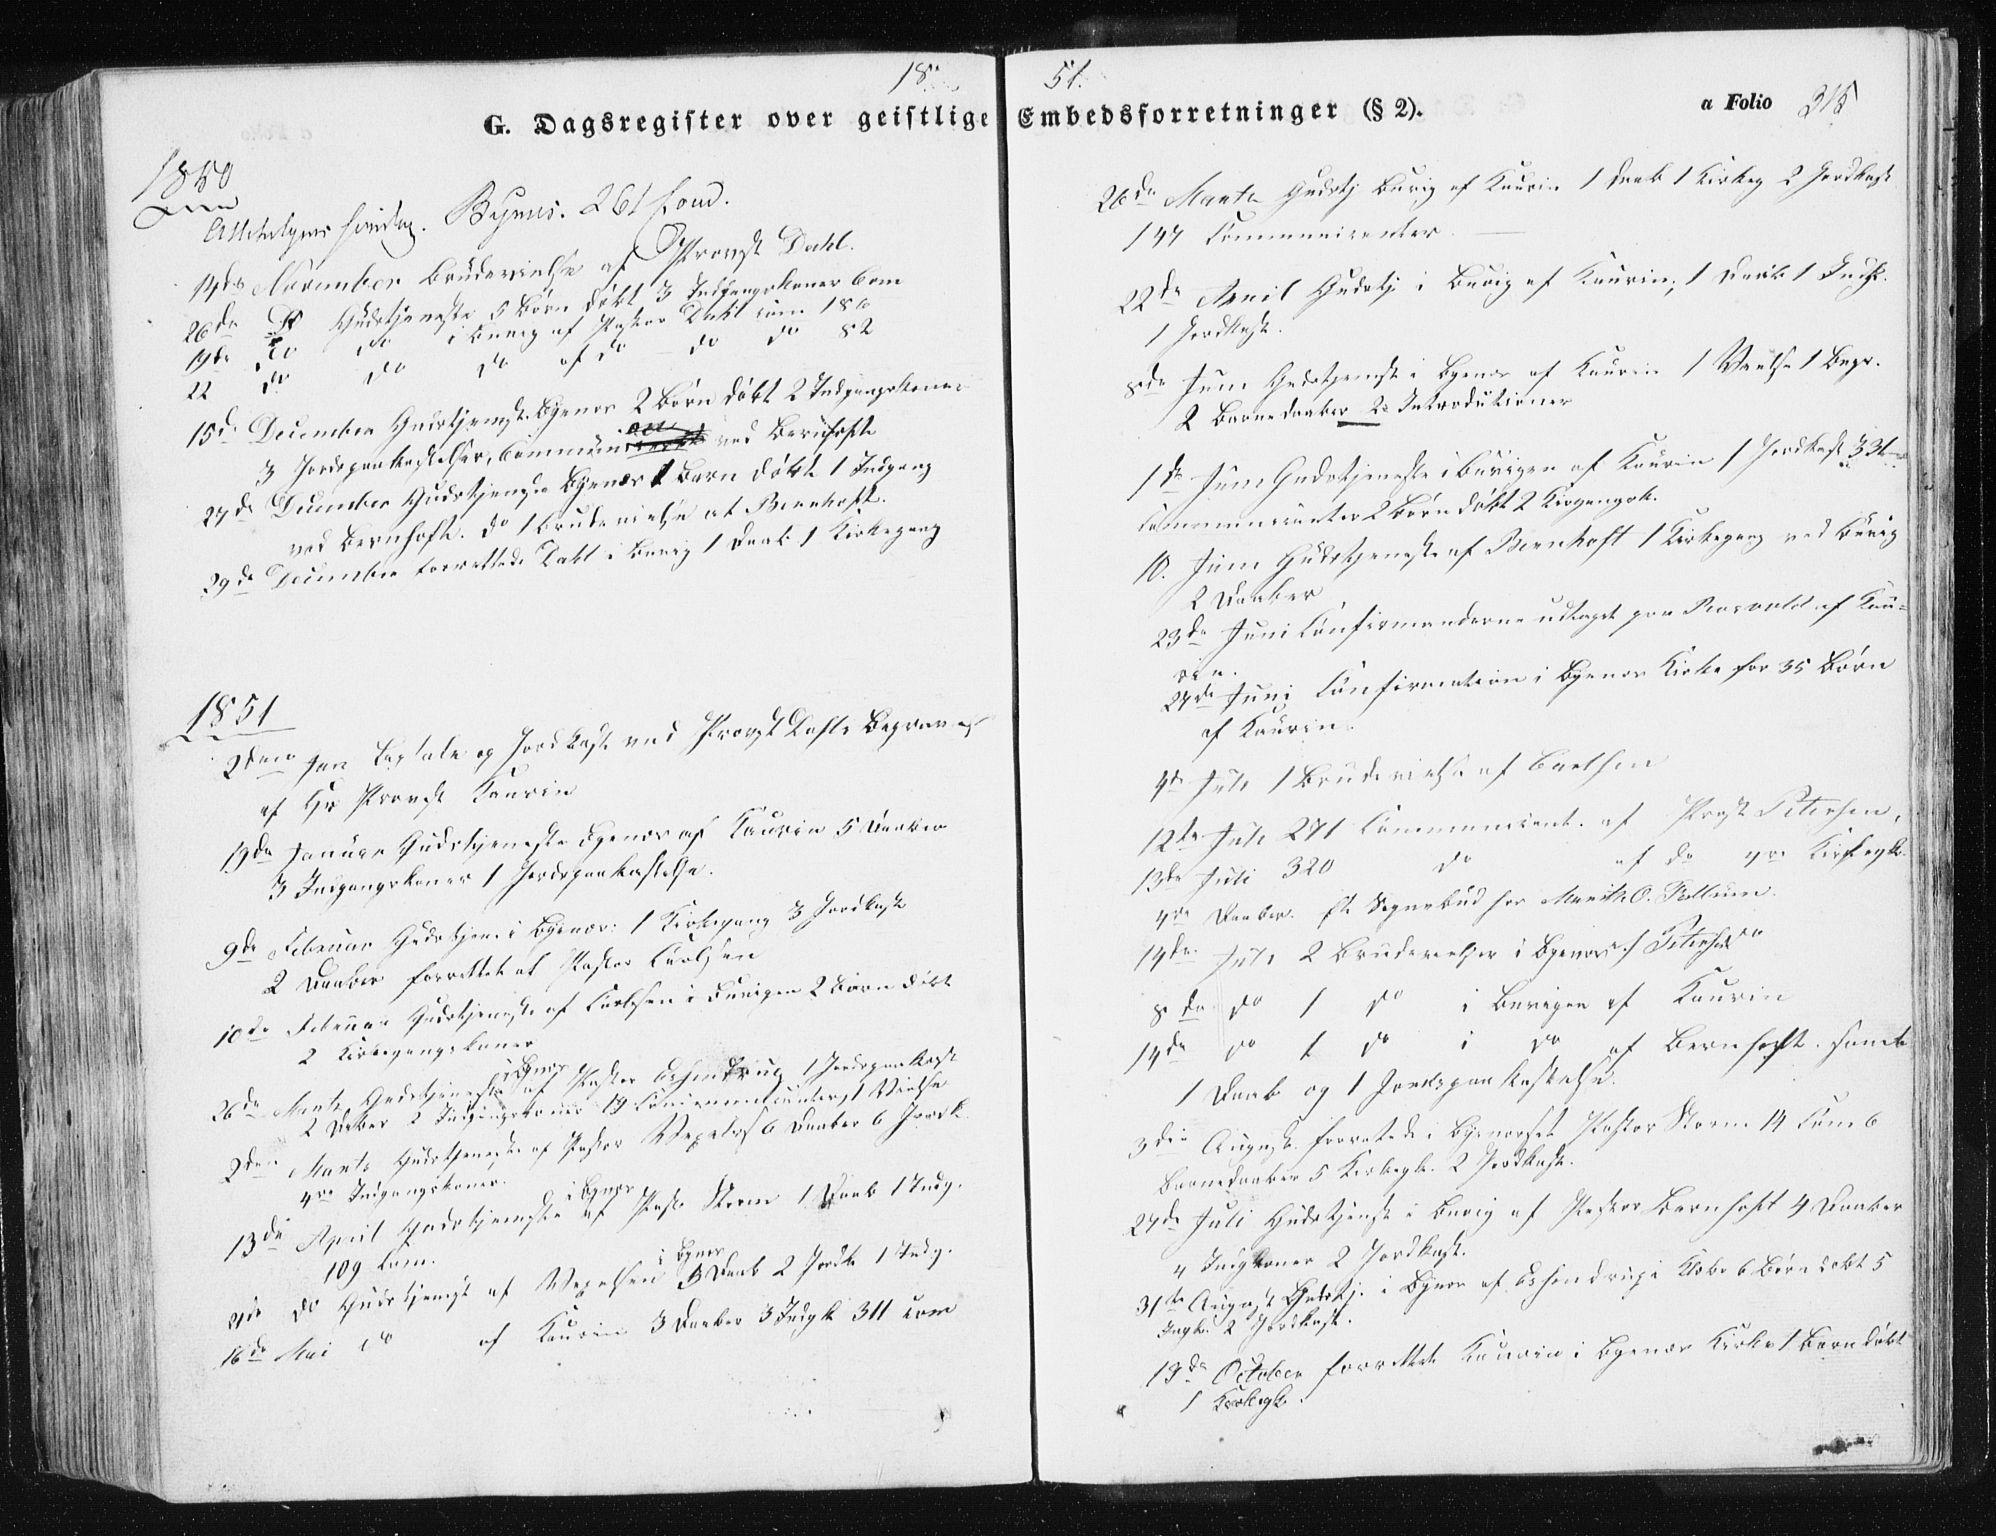 SAT, Ministerialprotokoller, klokkerbøker og fødselsregistre - Sør-Trøndelag, 612/L0376: Ministerialbok nr. 612A08, 1846-1859, s. 315